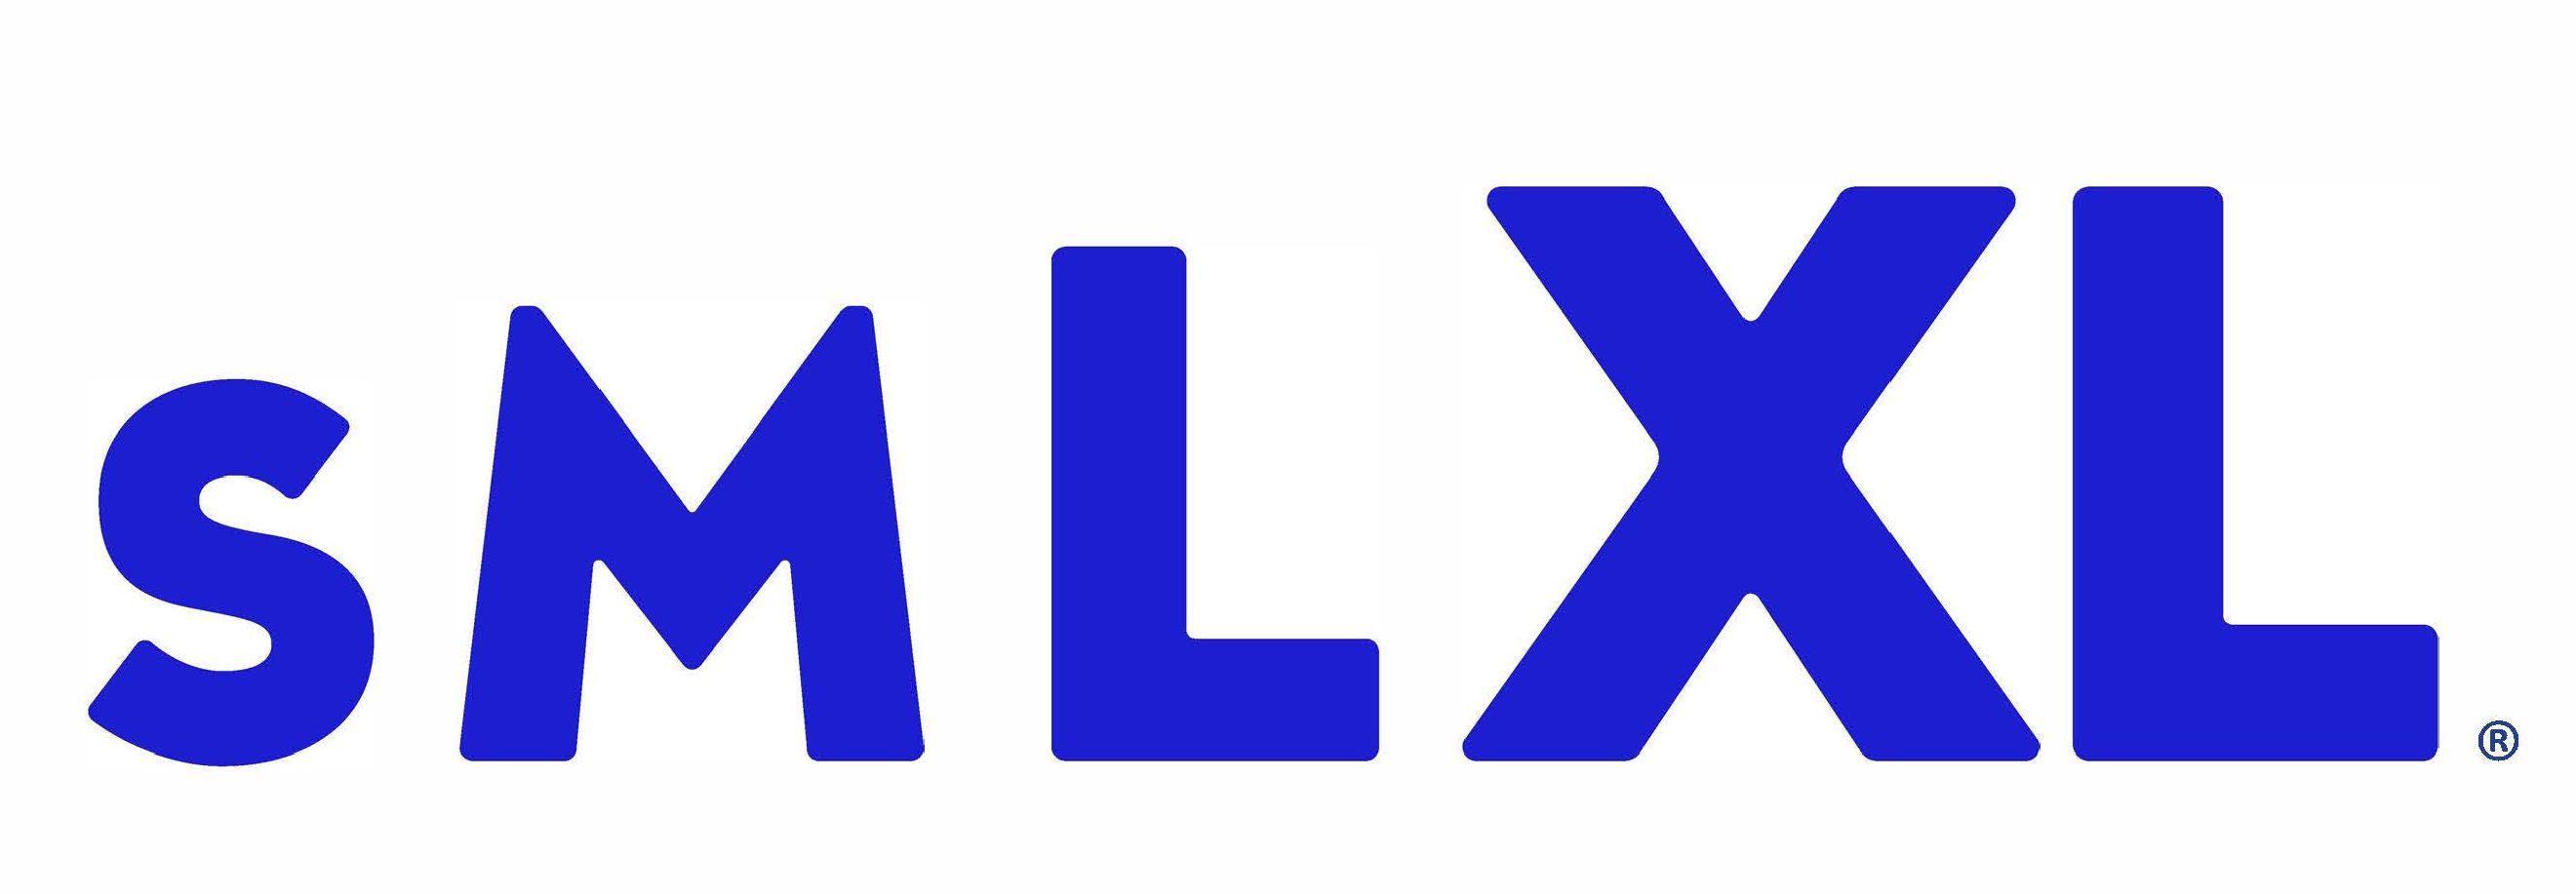 SMLXL